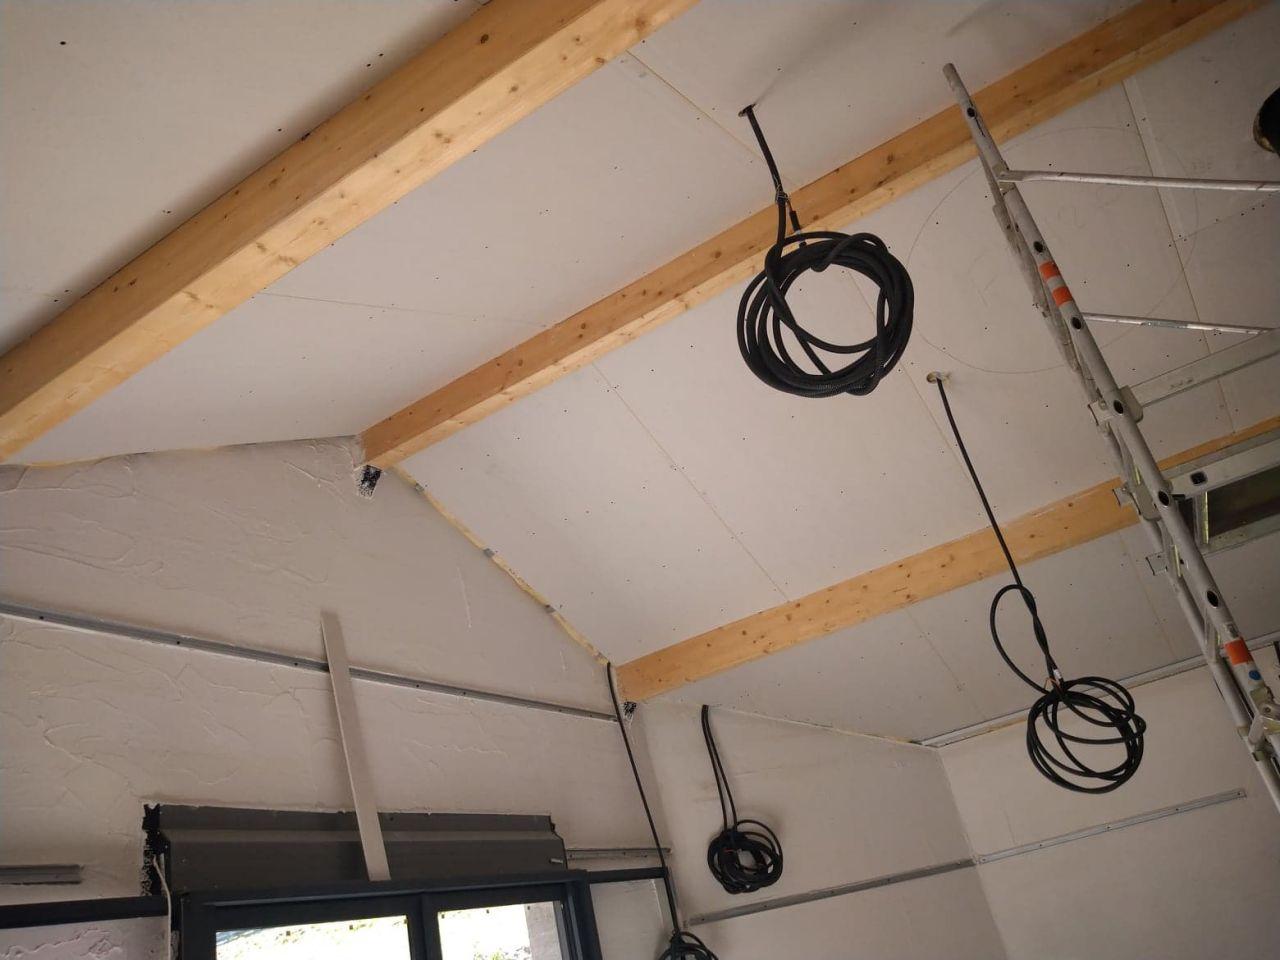 pièce de vie, isolation du plafond fini